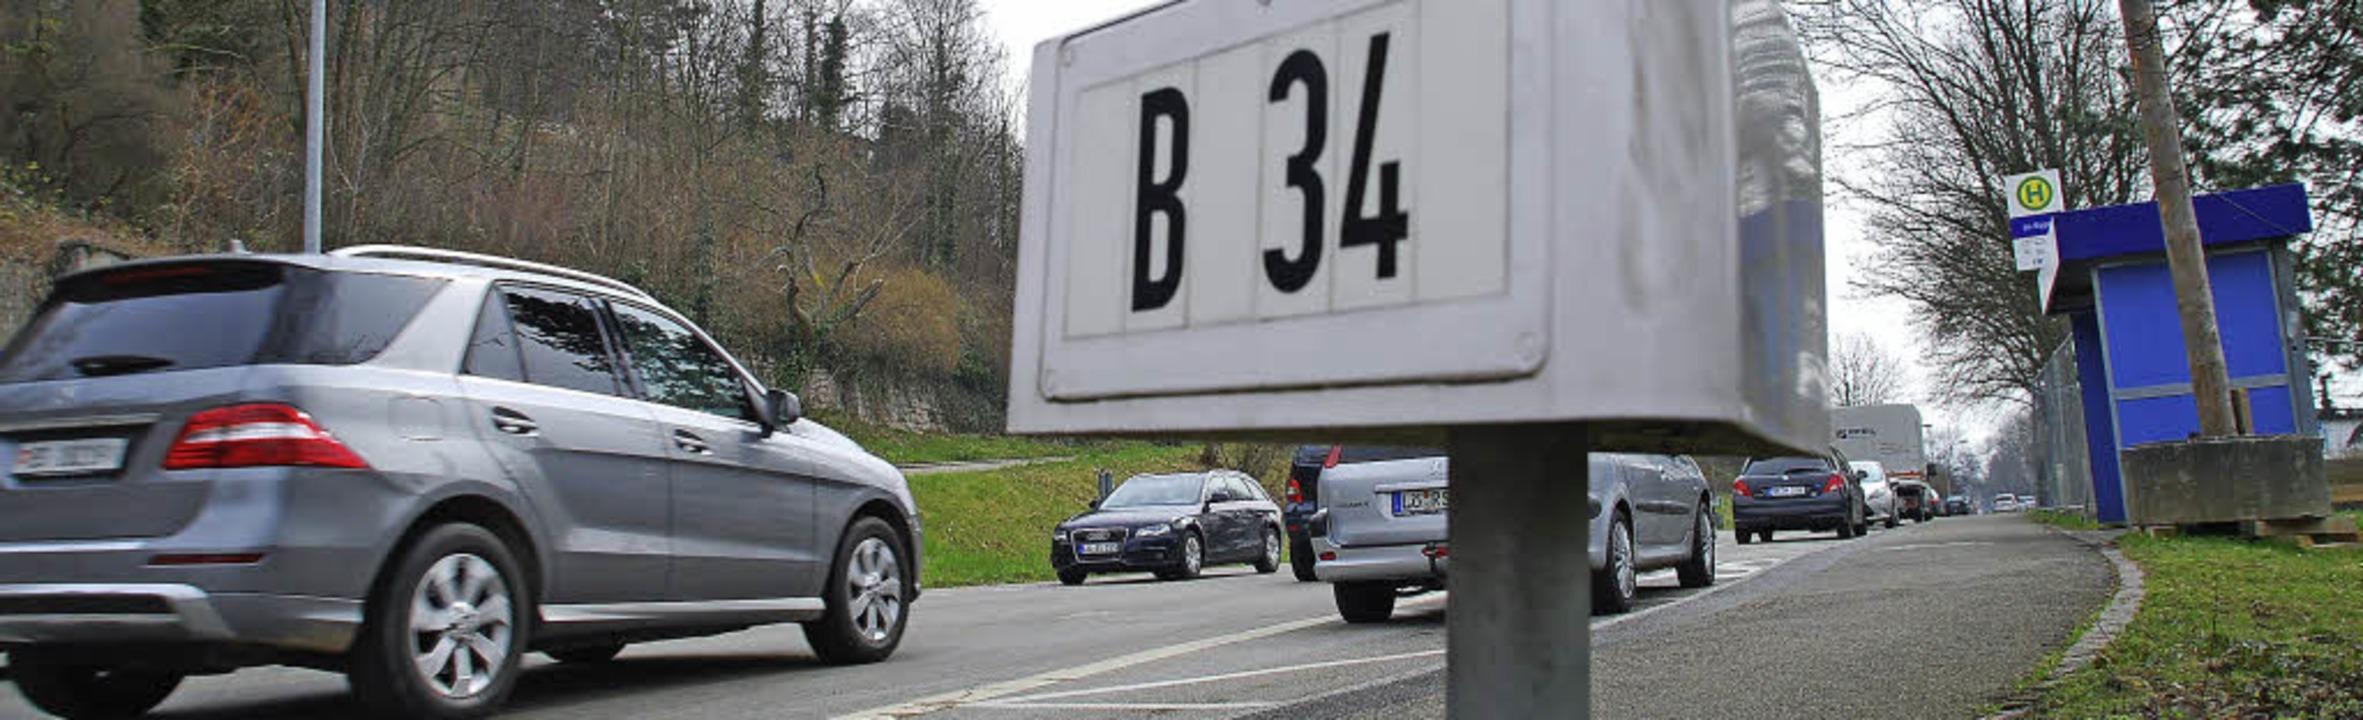 Die Verkehrsbelastung auf er B34 reich...ste des Landes nach oben zu klettern.     Foto: Ralf Staub